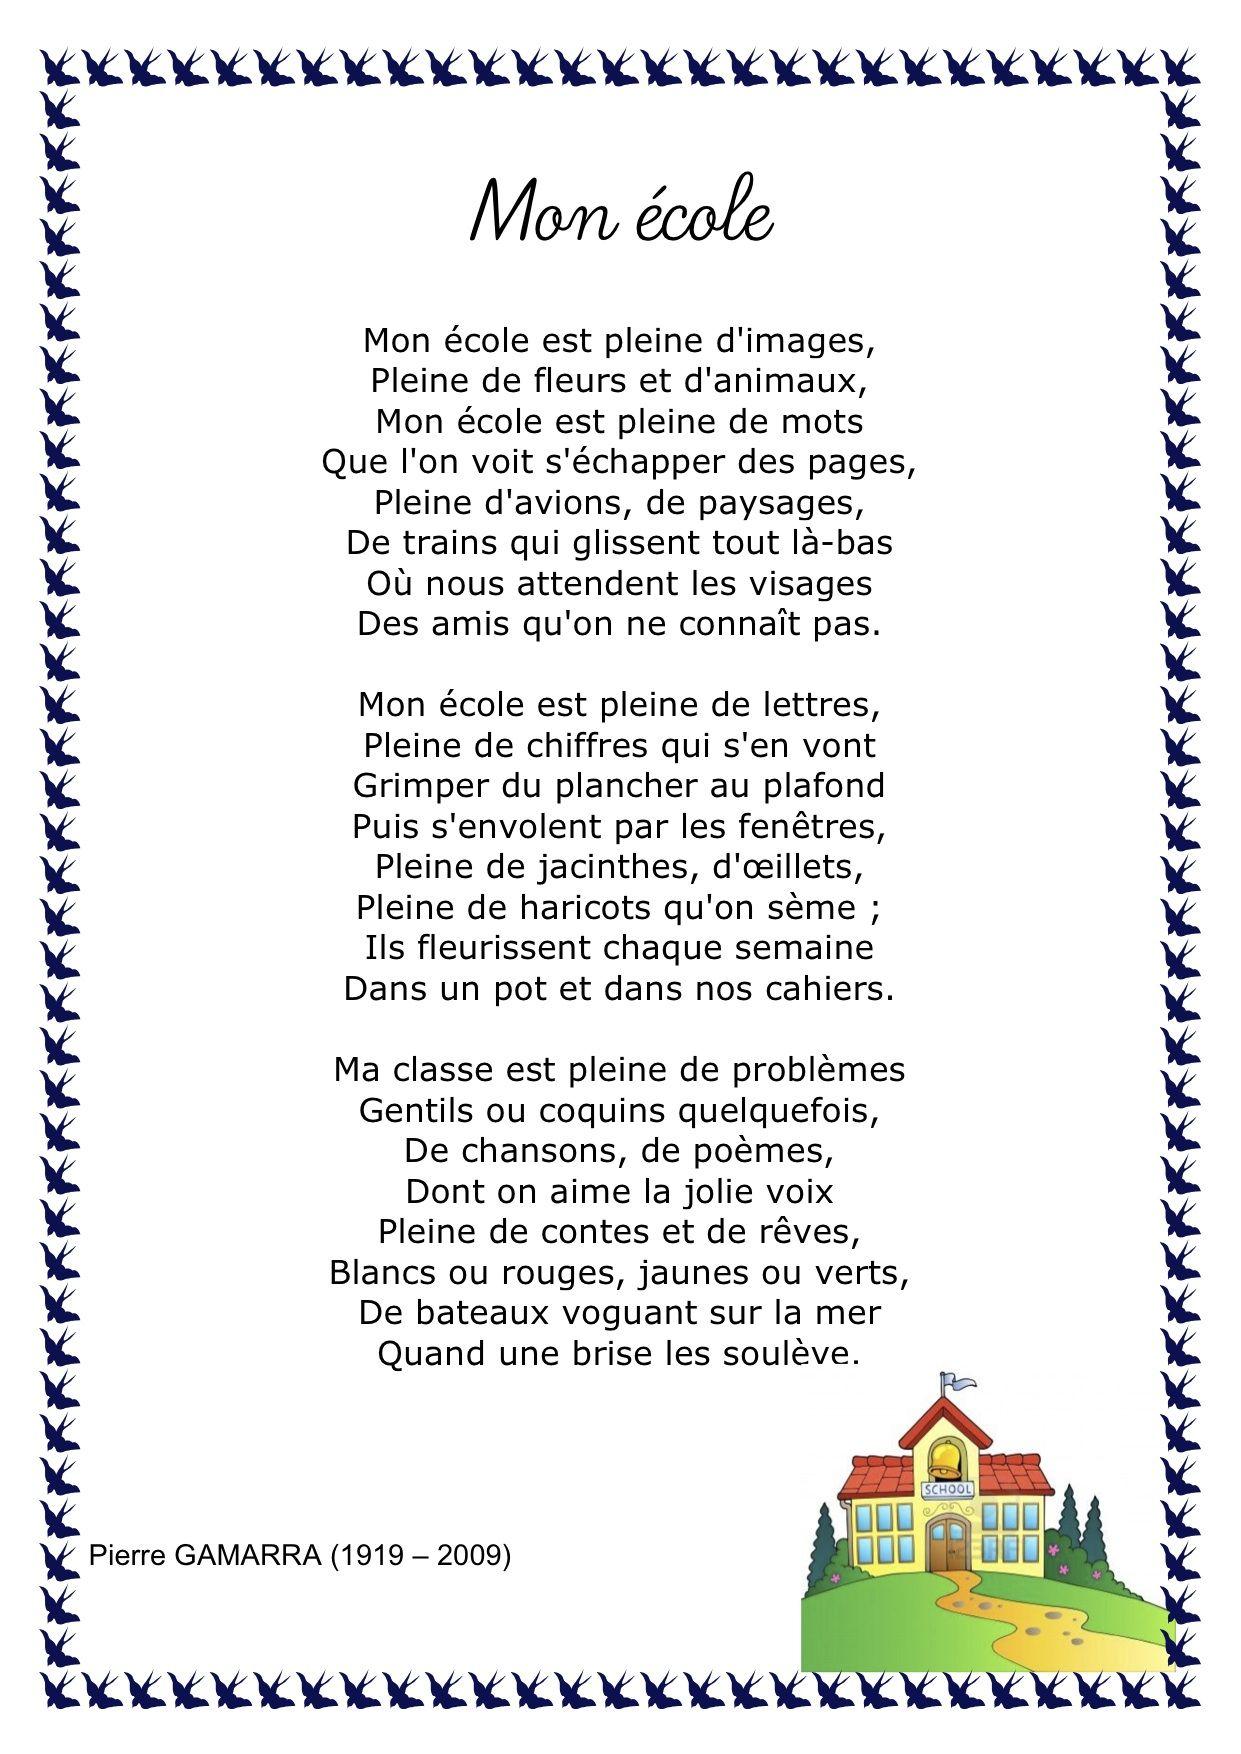 6 Poemes Avec Le Theme De L Ecole Http Ecolevalmo Free Fr